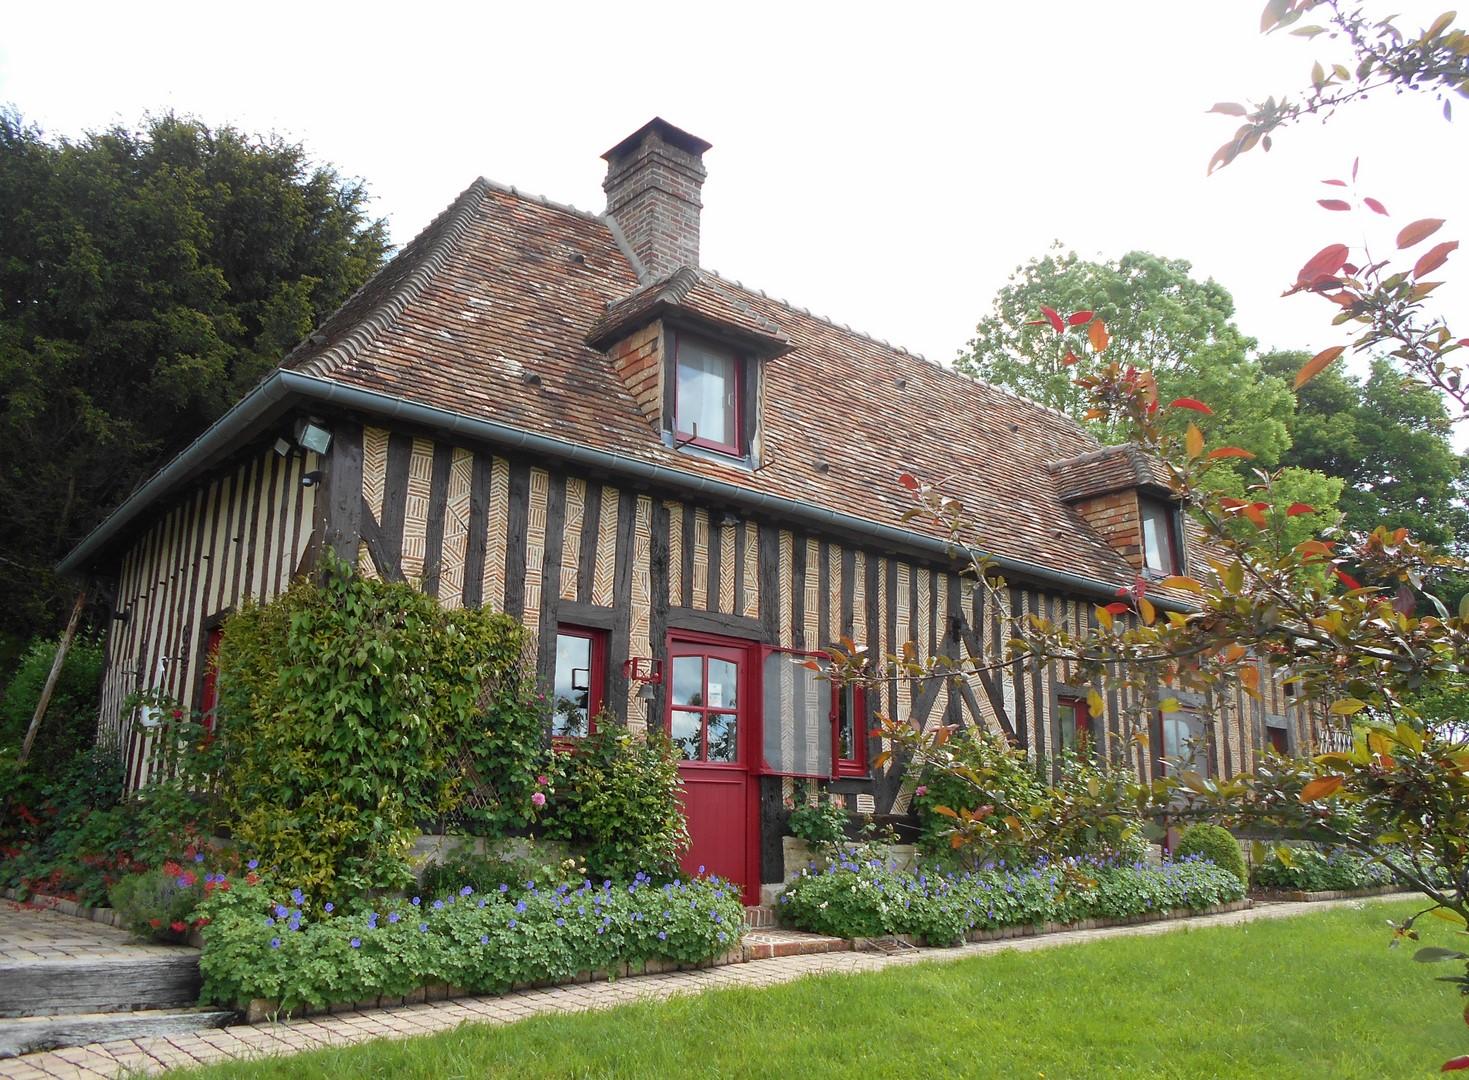 Achat maison toit de chaume segu maison for Site achat de maison